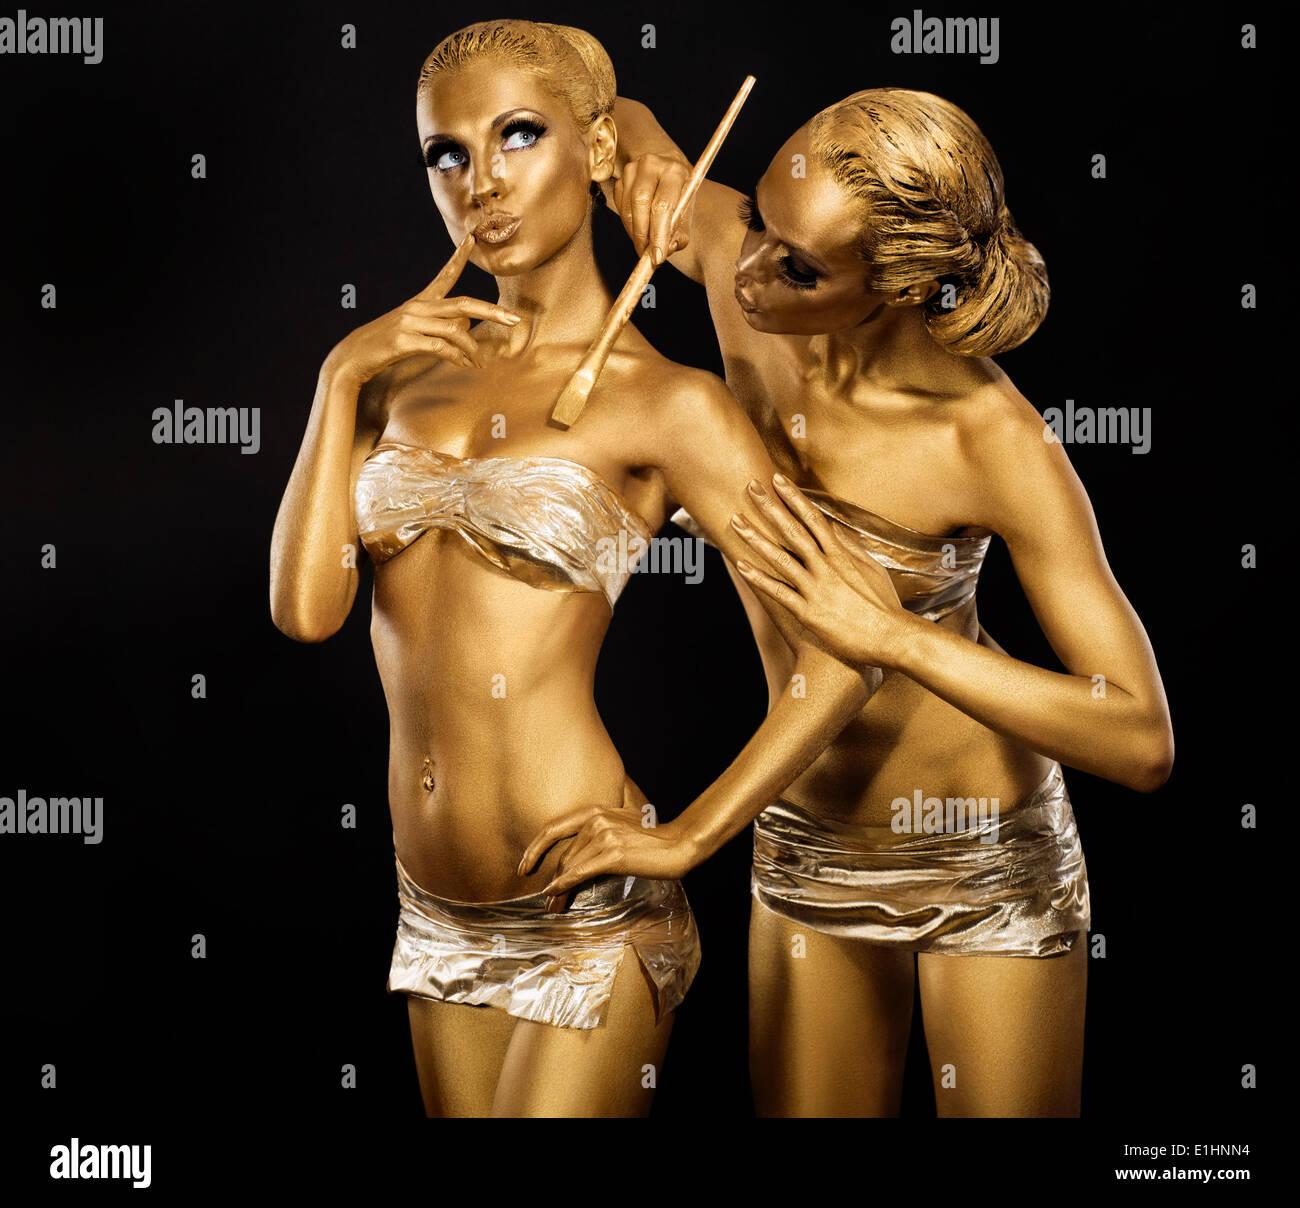 L'art corporel corps peinture femme avec le pinceau dans la couleur d'or. De l'or Photo Stock